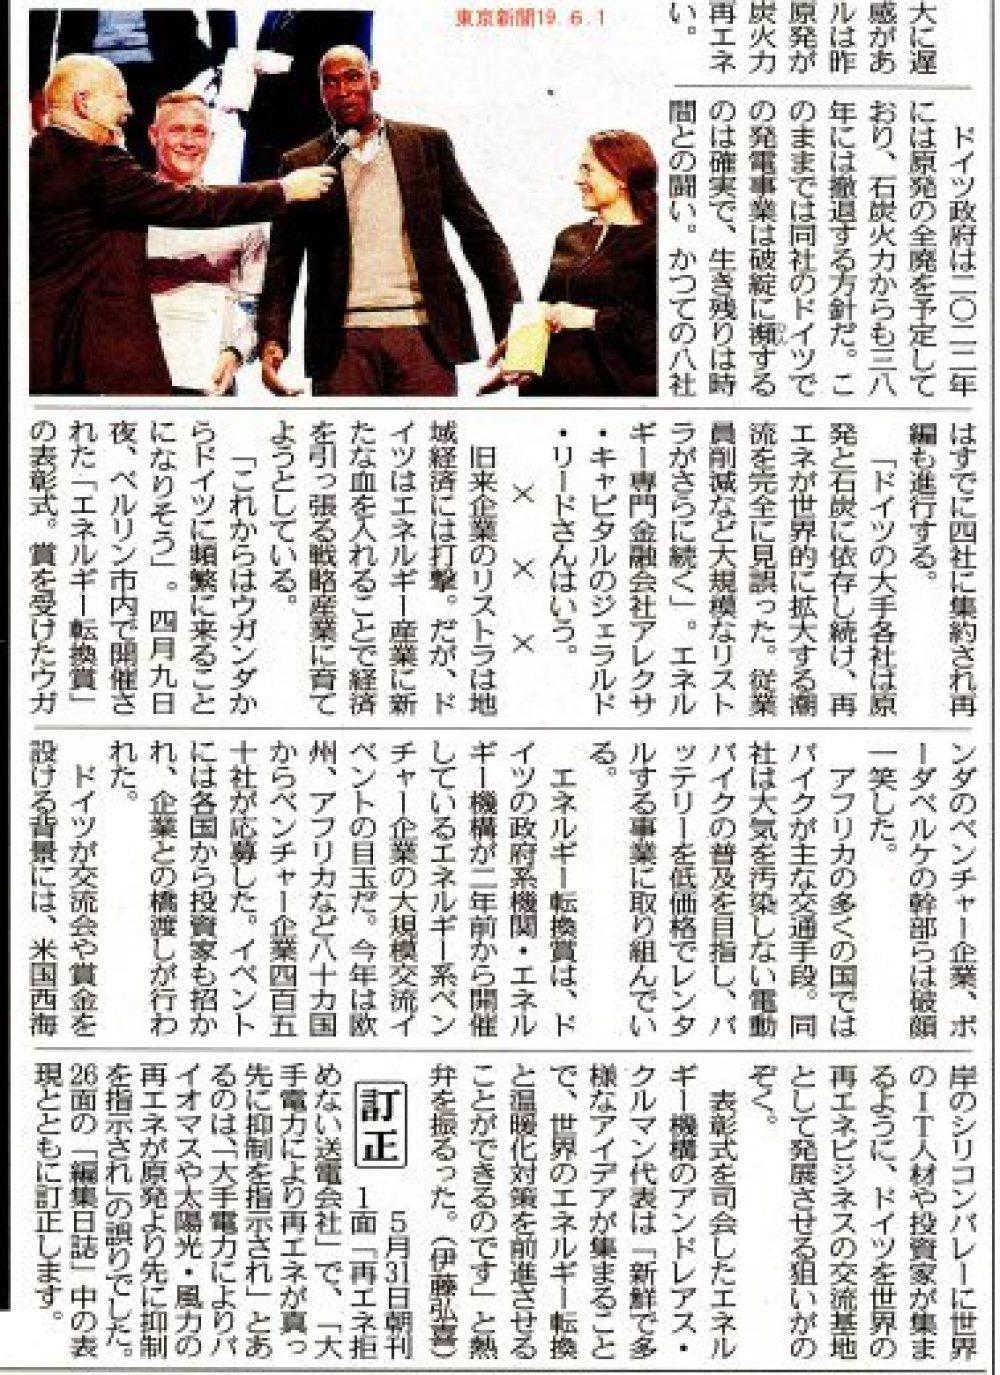 ドイツ最前線報告 再エネ発展の拠点に / 原発のない国へ 下 東京新聞 _b0242956_11393556.jpg